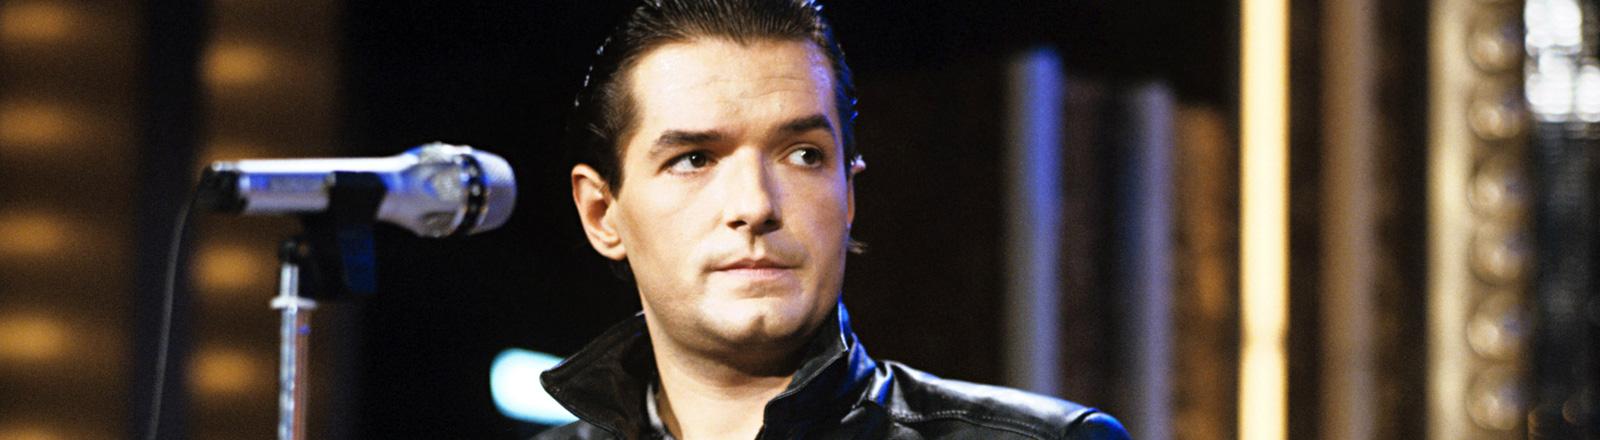 Der Sänger Falco bei einem Auftritt 1985. Er trägt eine schwarze Lederjacke und steht vor einem Mikrofon; Bild: dpa